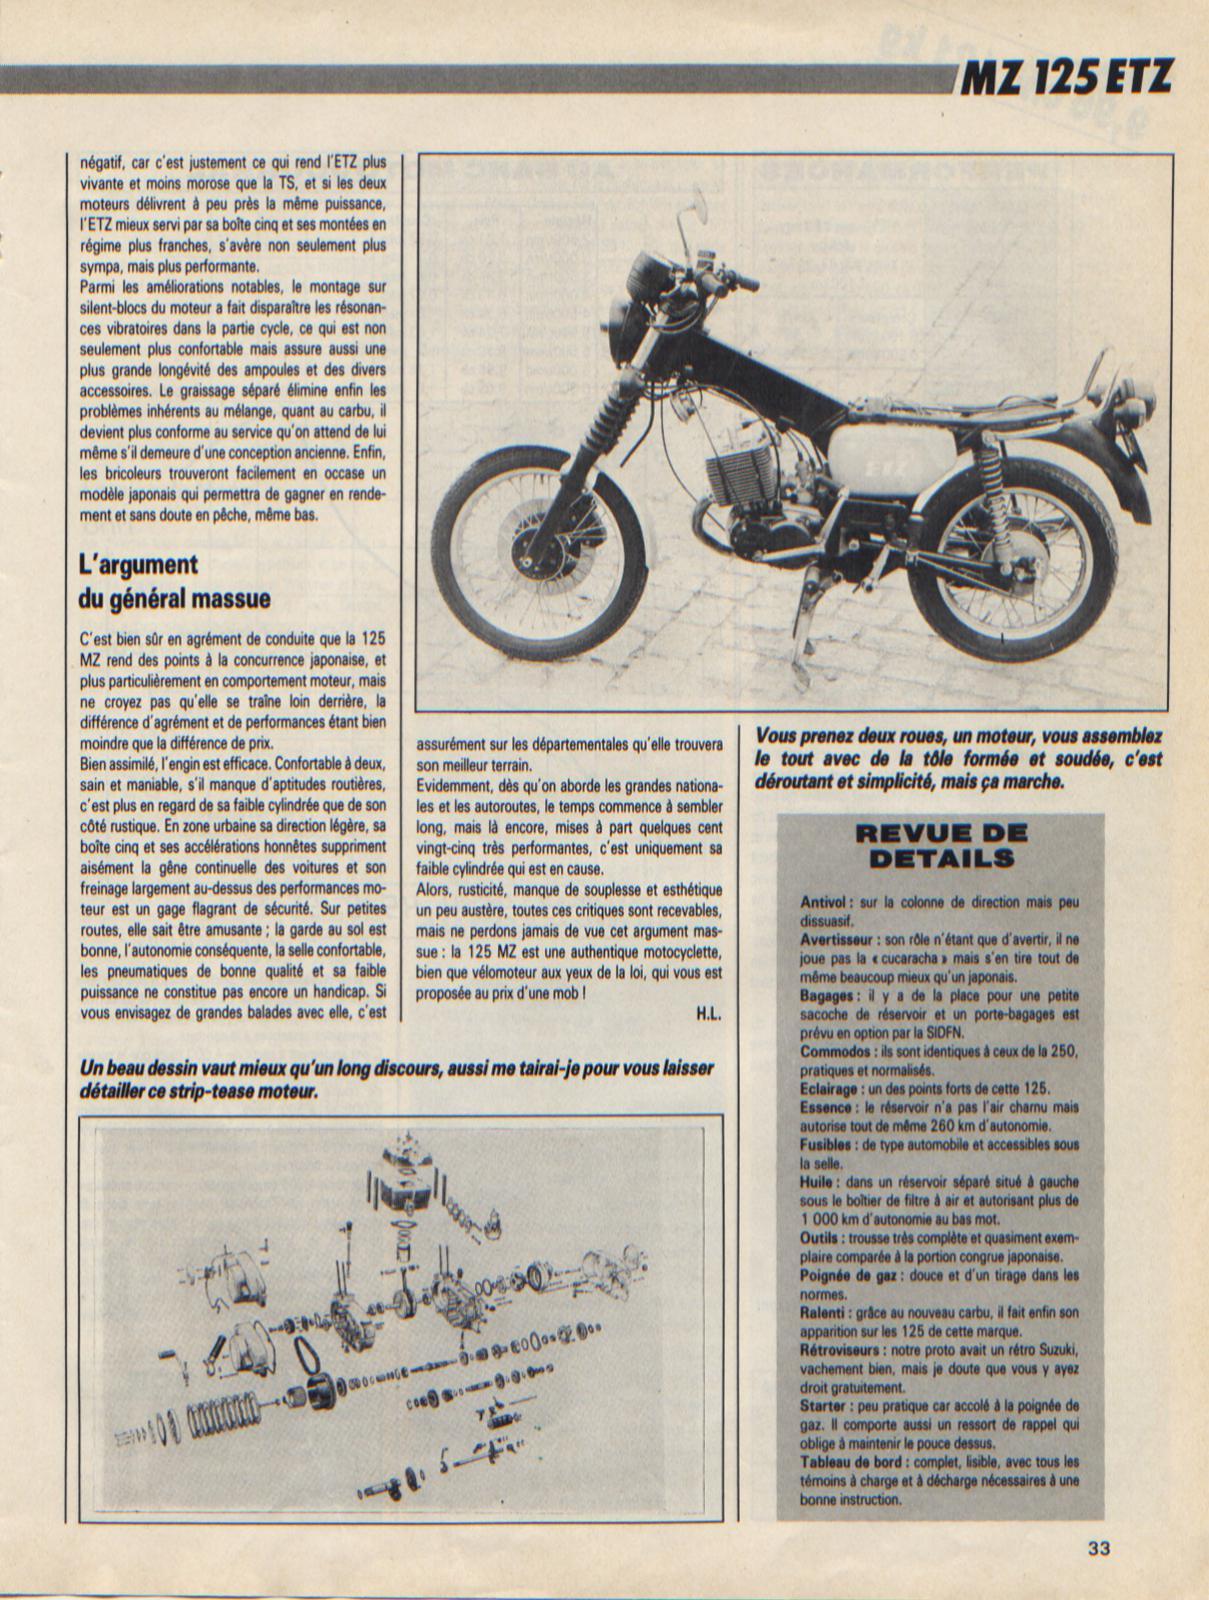 essai moto journal 1986 125 etz 953038Scan6